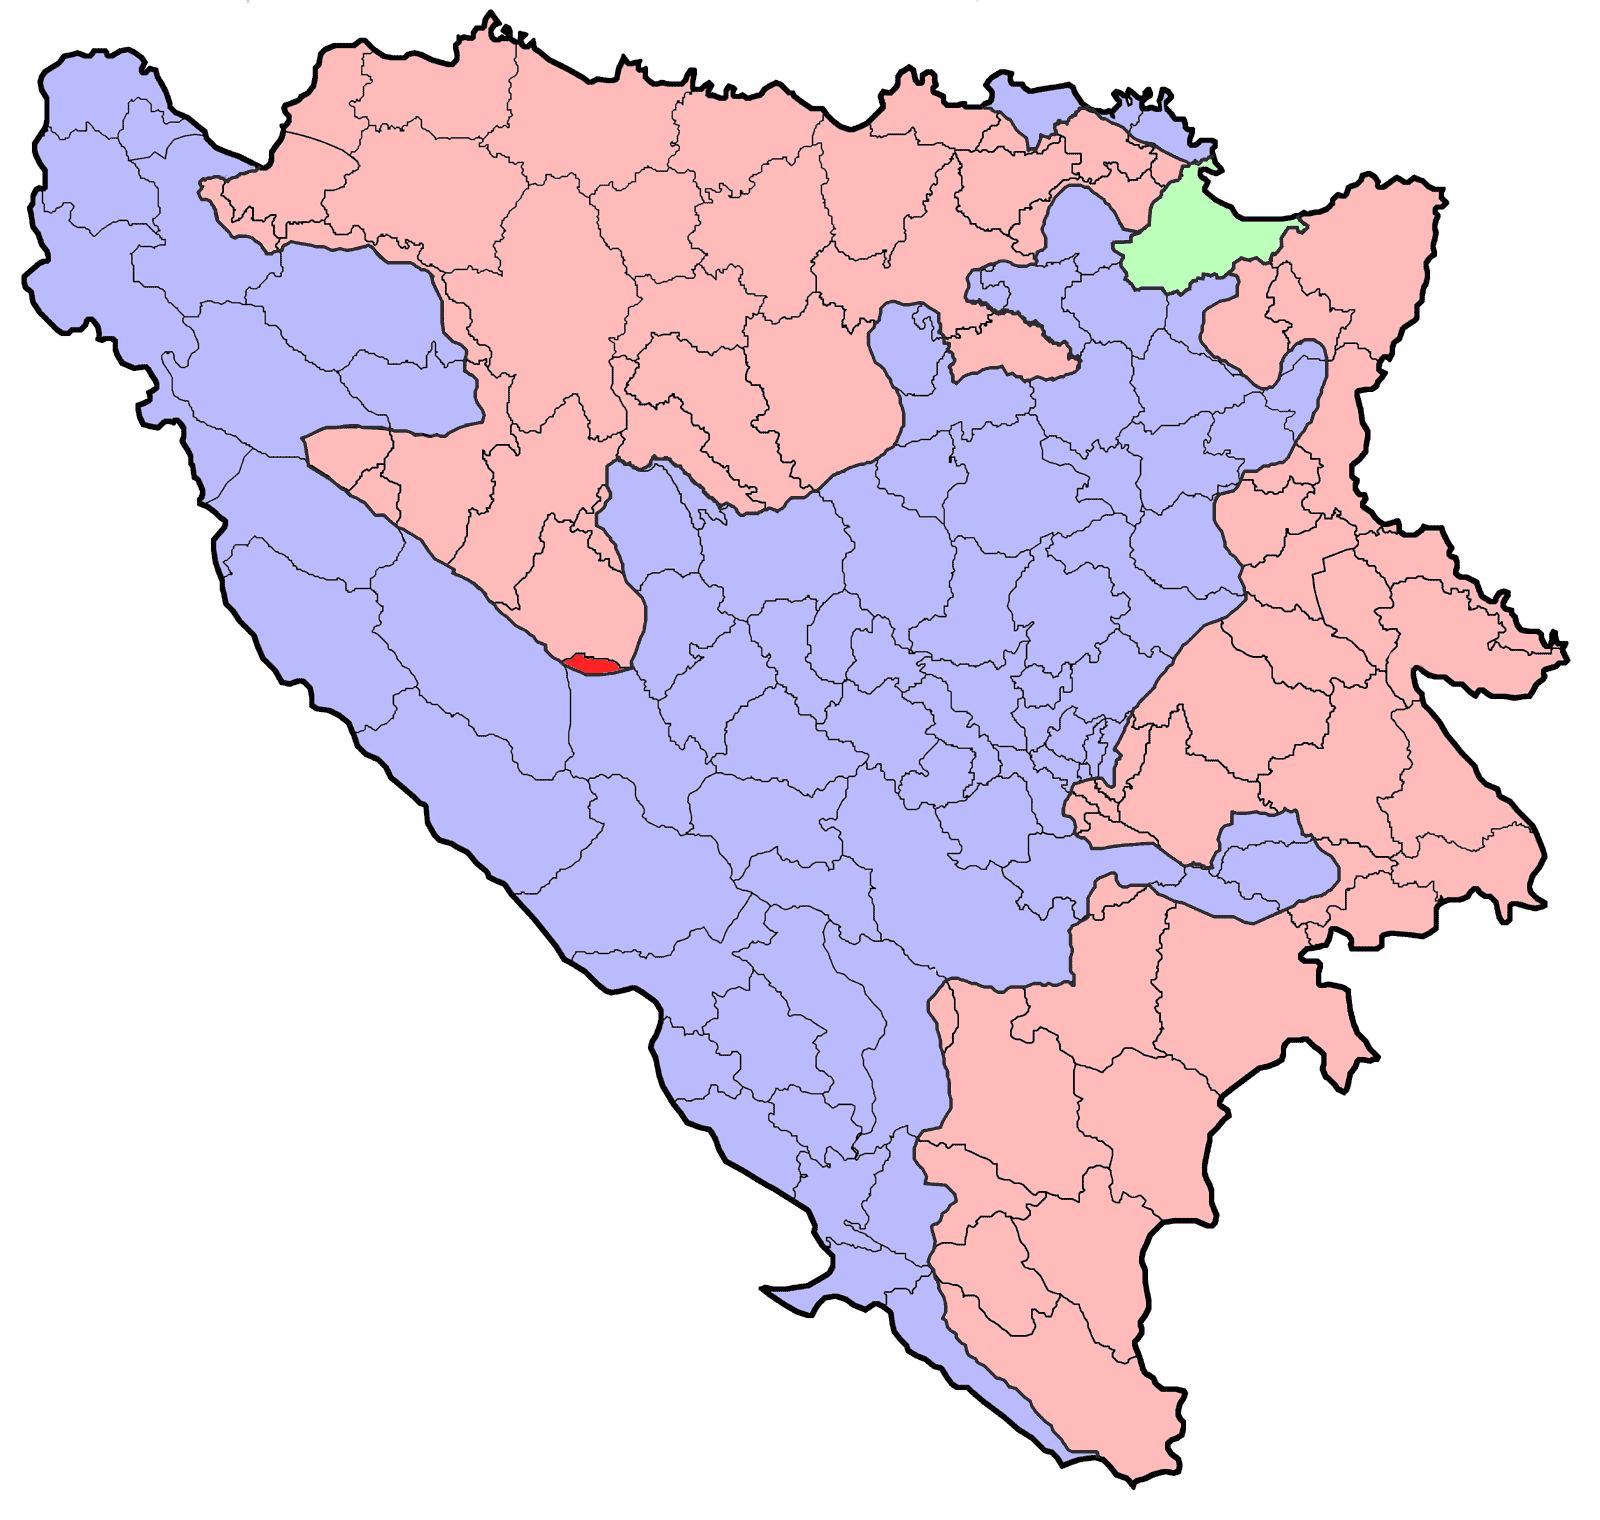 Телефонные номера в боснии и герцеговине - telephone numbers in bosnia and herzegovina